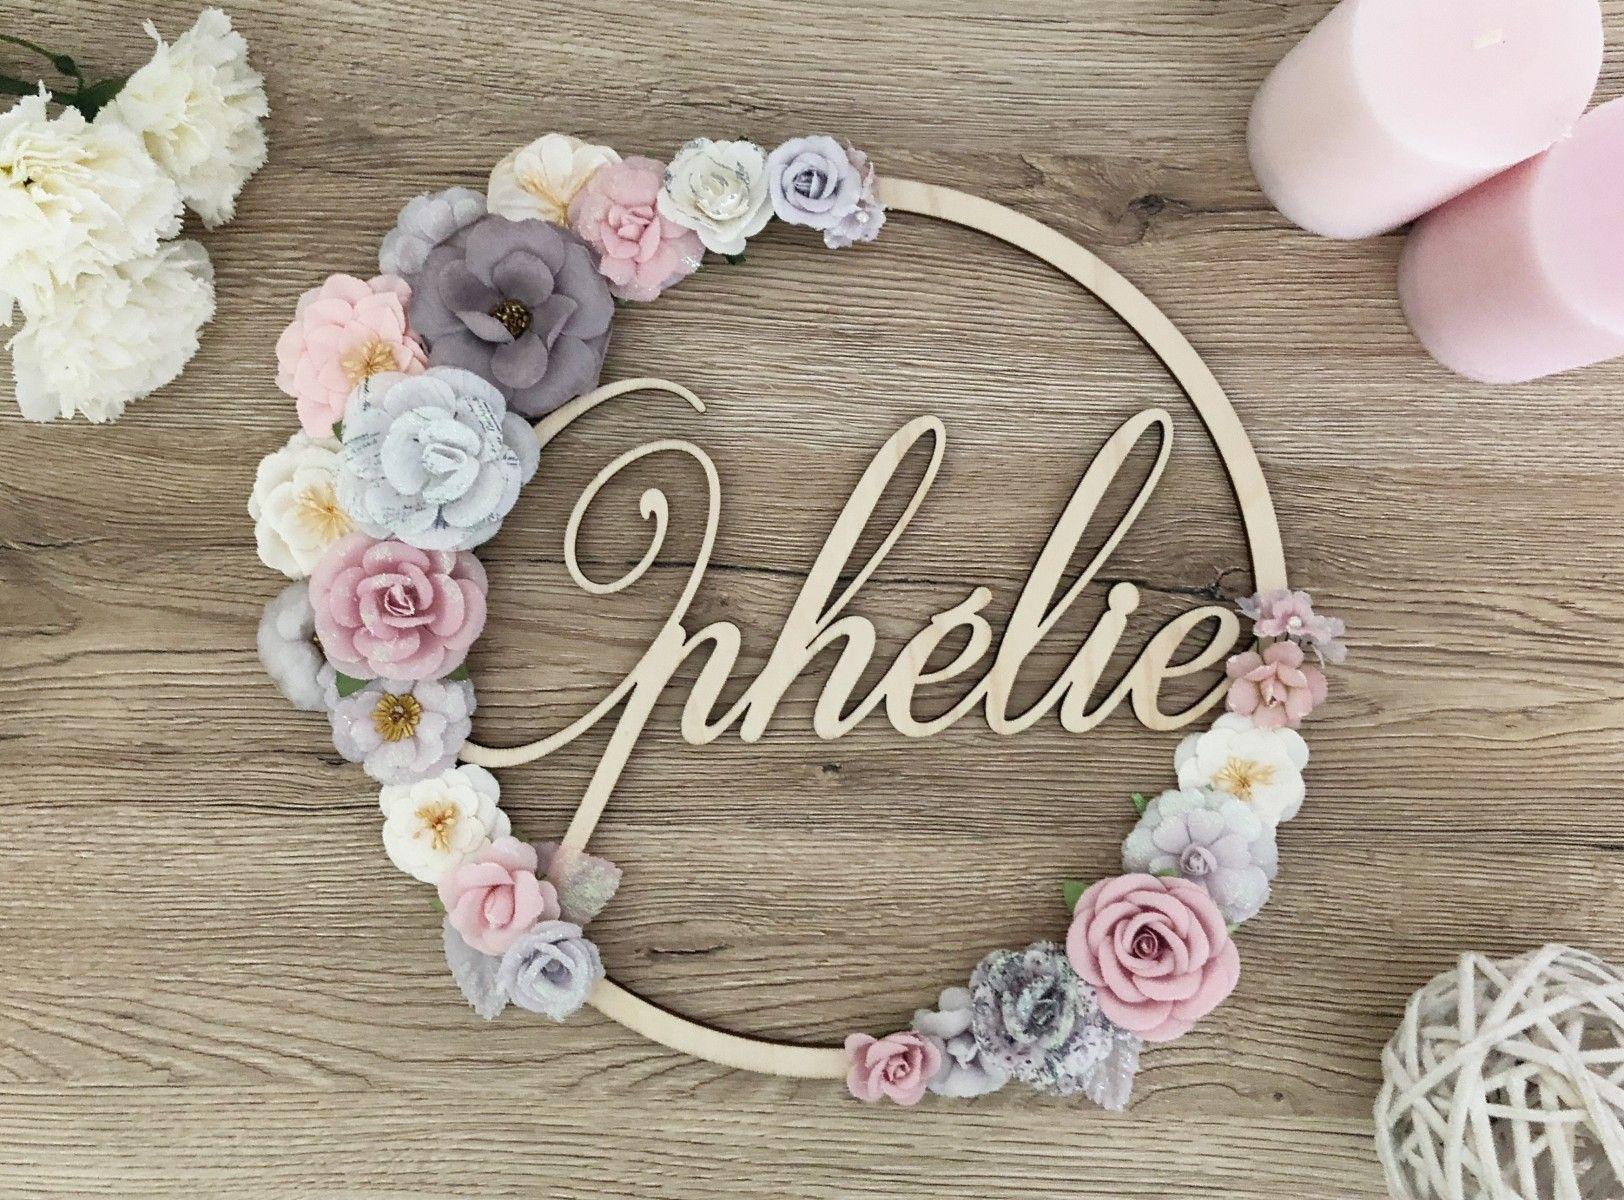 Floral Roses 15 cm Personnalisé Rond Nom Chambre Plaque Murale Cadeau